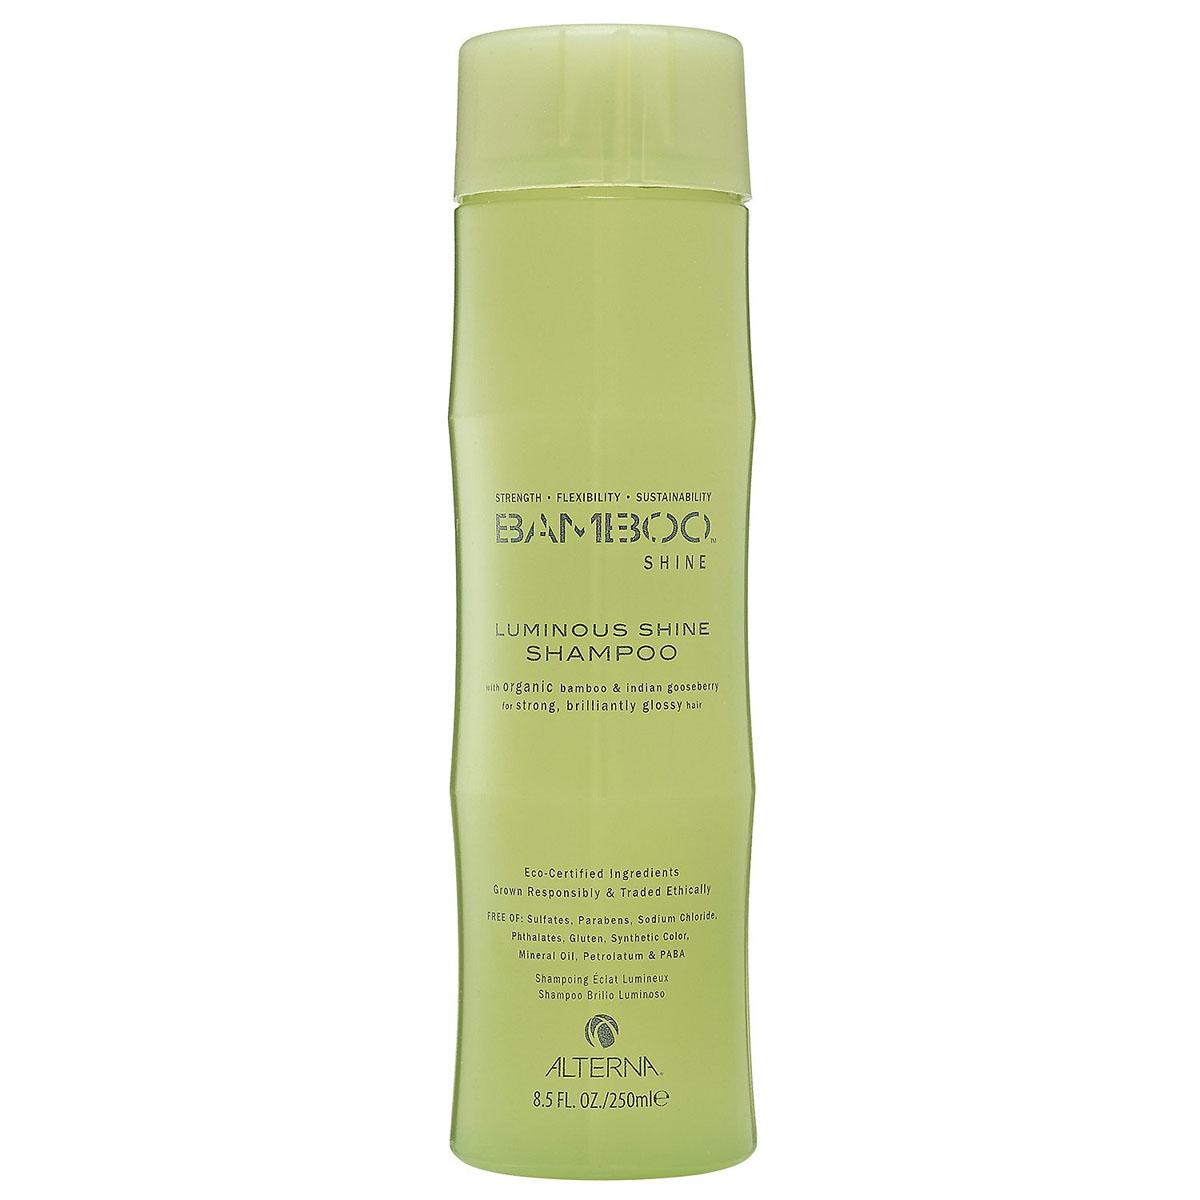 Alterna Шампунь для сияния и блеска волос (безсульфатный) Bamboo Luminous Shine Shampoo - 250 мл46010Органическое масло Индийского крыжовника и экстракт бамбука, входящие в состав шампуня Bamboo Luminous Shine Shampoo помогут оптимально увлажнить и укрепить волосы, делая их гладкими, сильными и шелковистыми. Технология Color Hold позволит вашим окрашенным волосам дольше сохранять цвет, не вымывая его. Идеально подходит для светлых волос. Результат: Очищает волосы без использования сульфатов. Оптимально увлажняет волос. Укрепляет волосы, закладывает основу для гладких и здоровых волос. Сохраняет яркость цвета окрашенных и натуральных волос. Улучшает внешний вид волос. Разглаживает волосы, придает им гладкость и блеск.